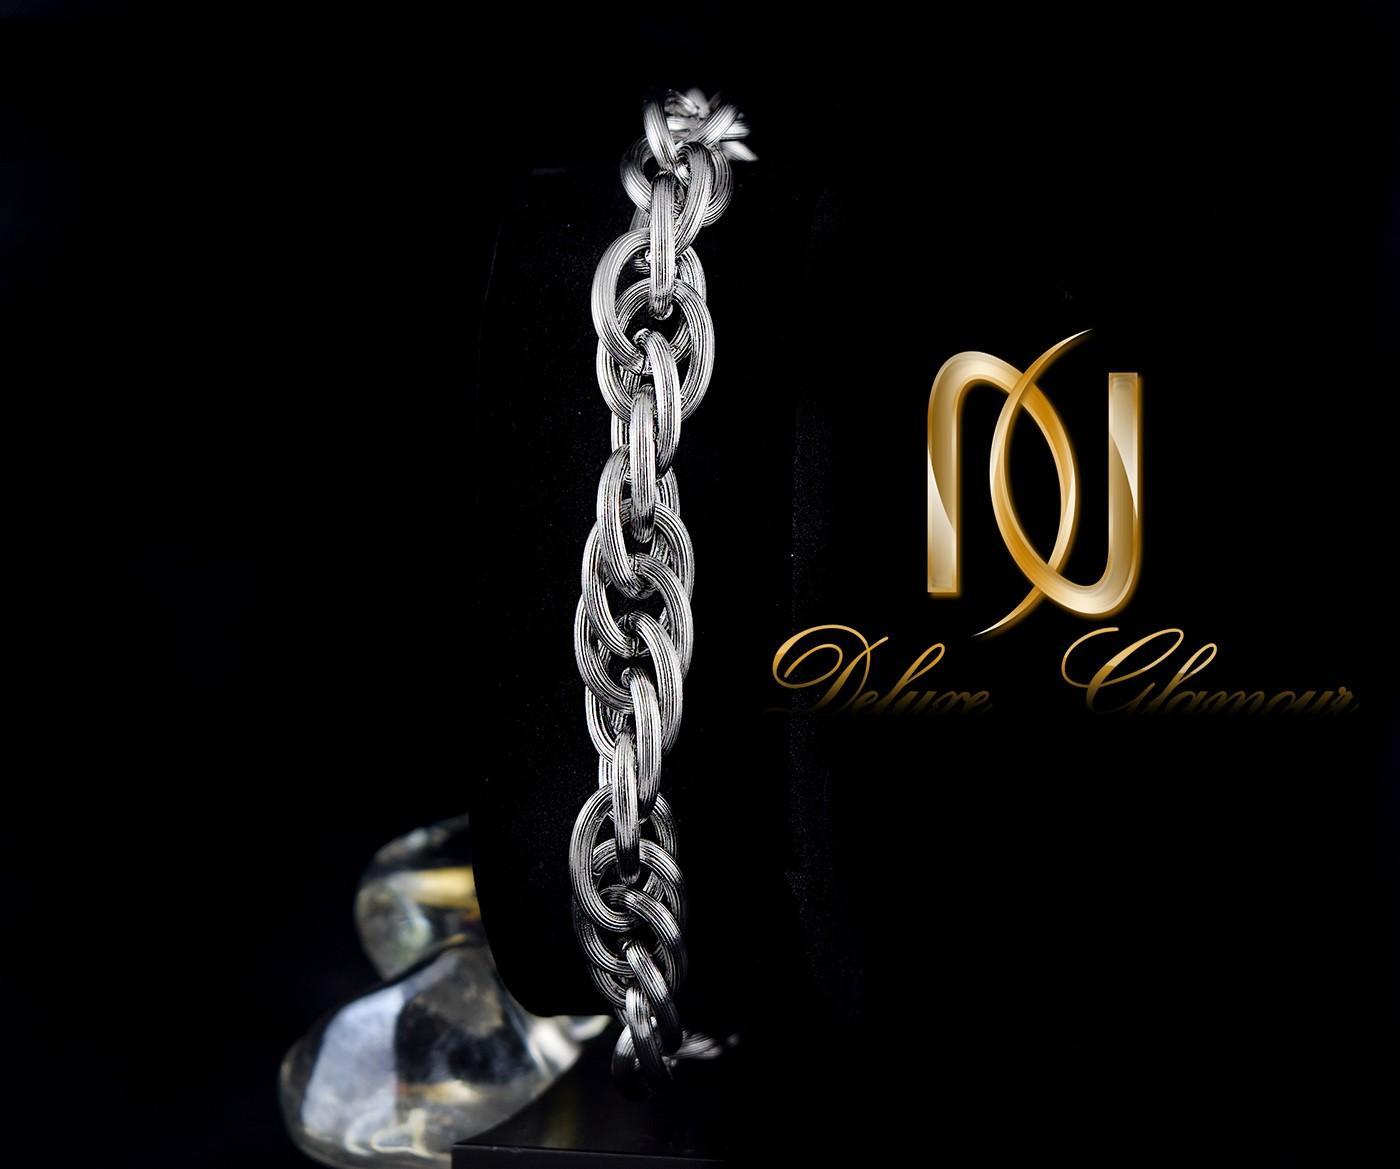 دستبند مردانه زنجیری استیل مات Ds-n251 - زمینه مشکی